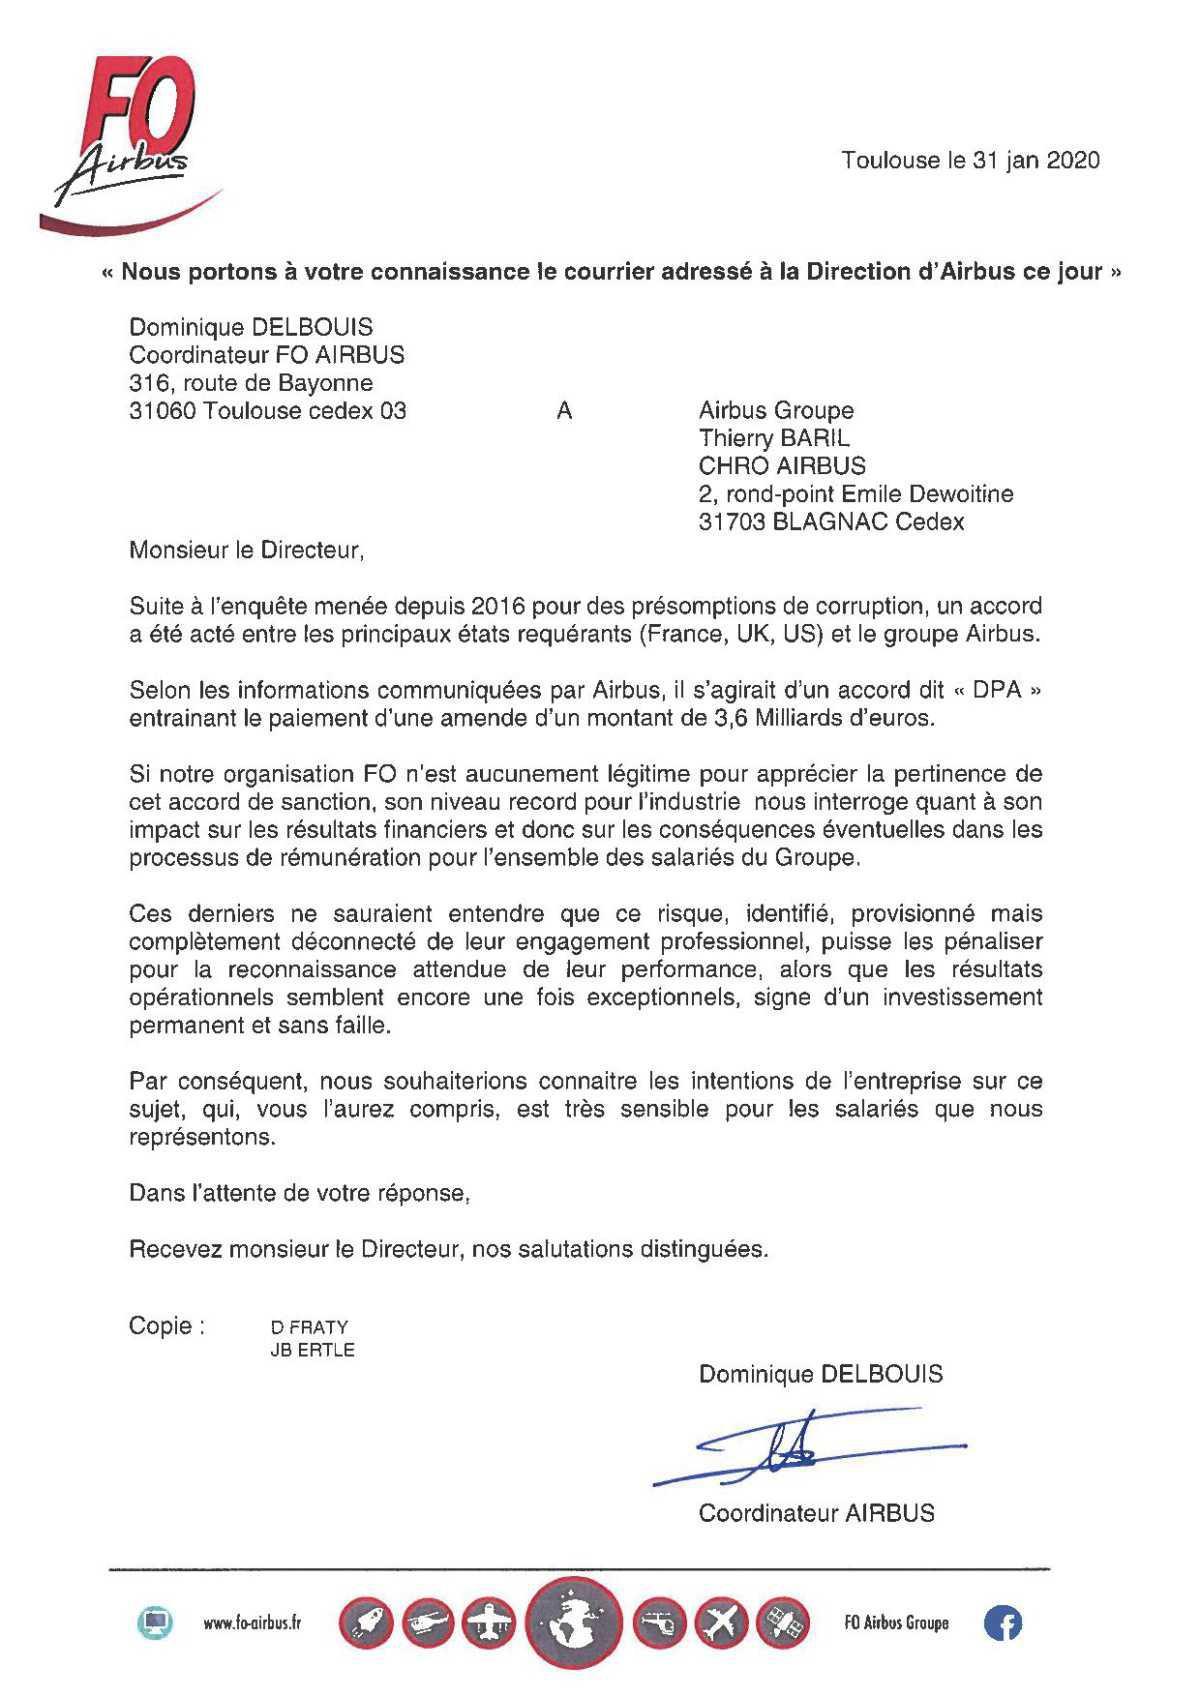 courrier adressé à M.BARIL au sujet de l'amende payée par AIRBUS